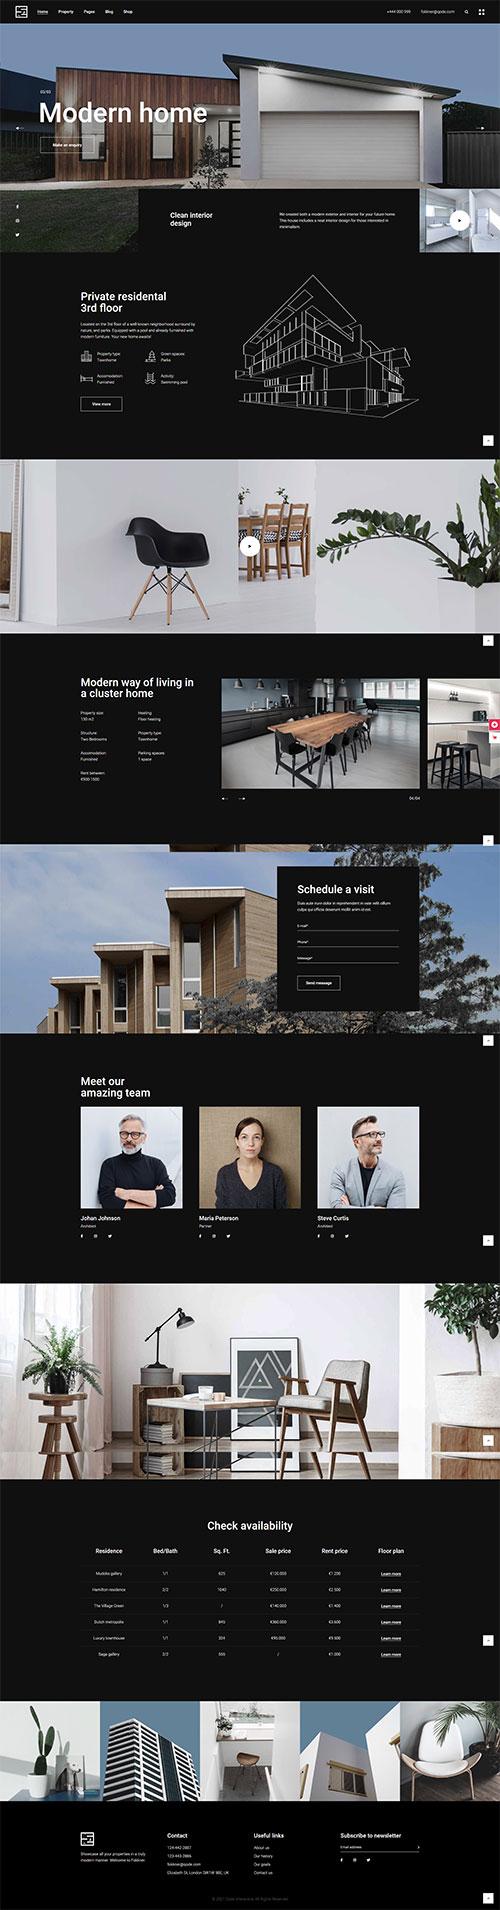 Mẫu-website-Bán-và-cho-thuê-Bất-động-sản-căn-hộ,-nhà-biệt-thự-01